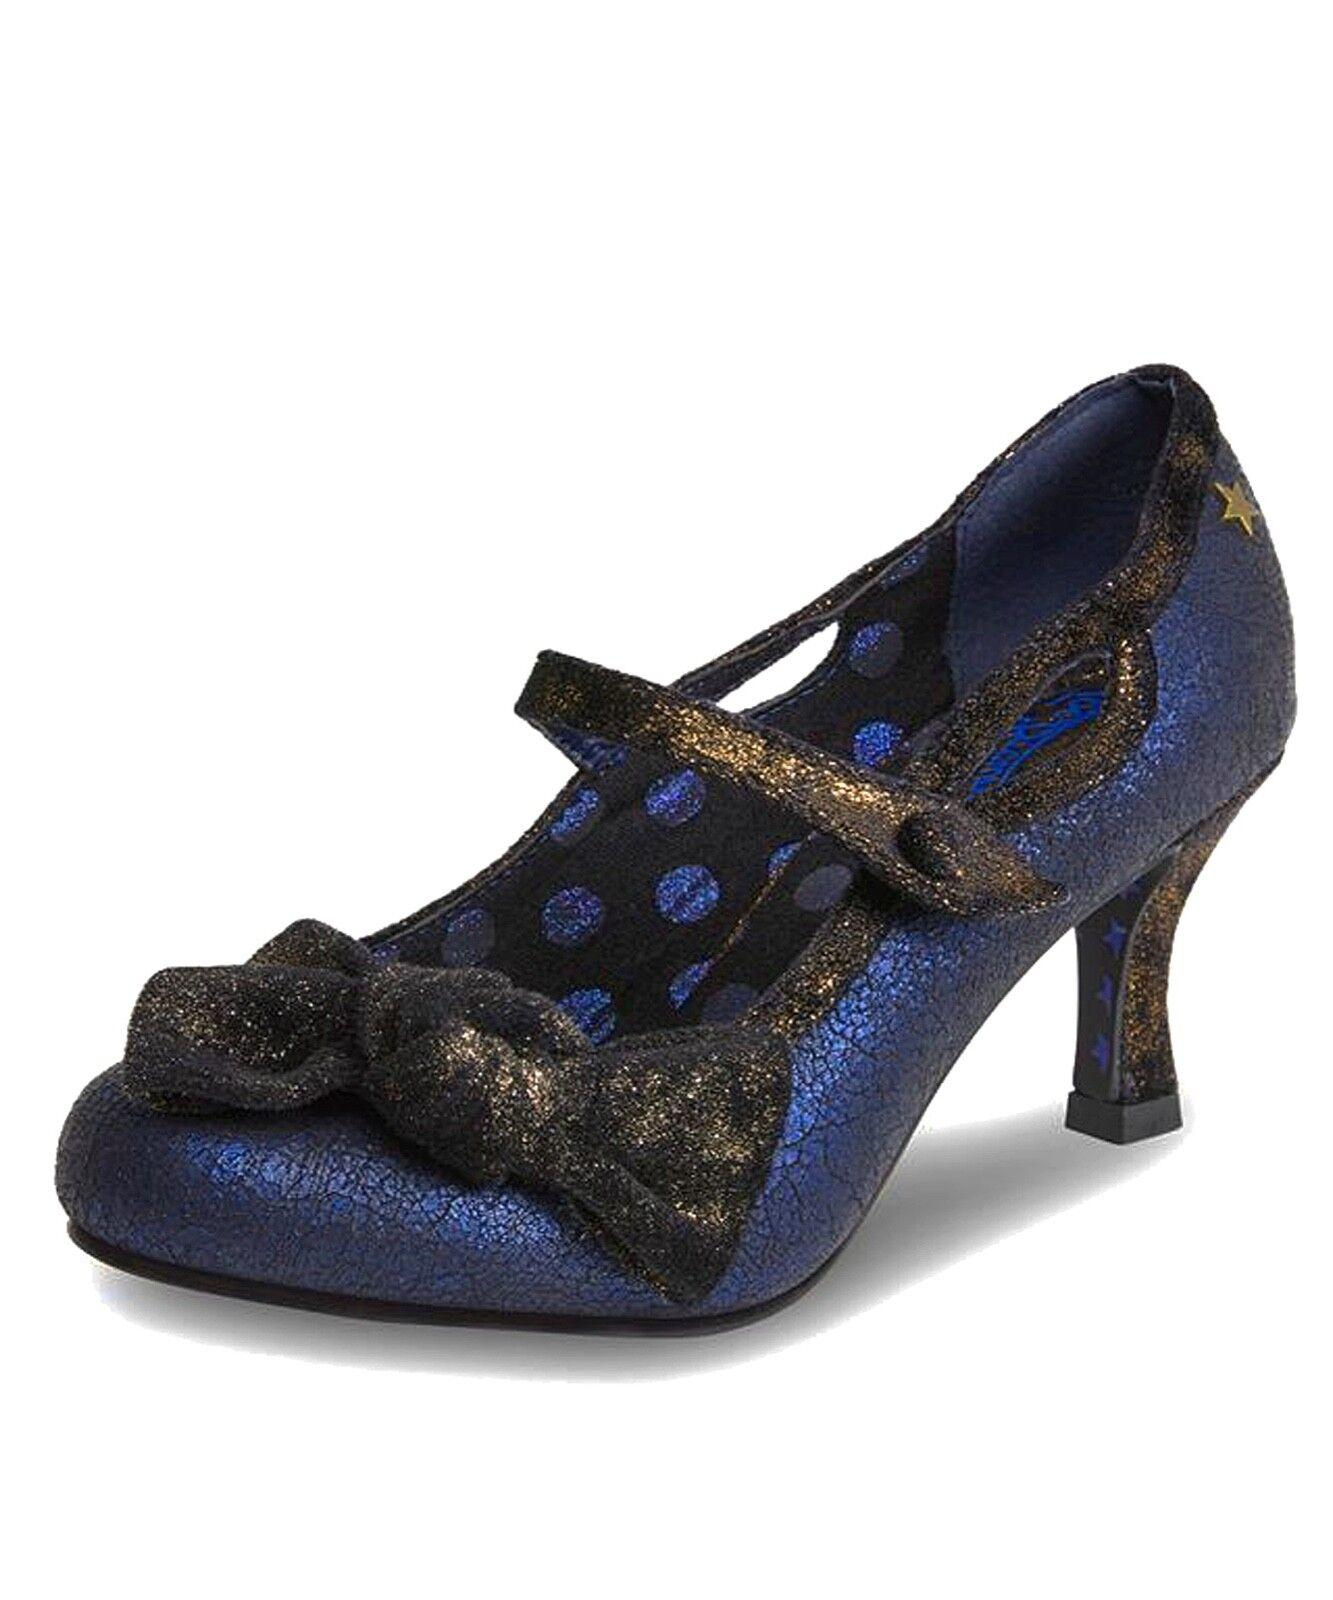 Joe brauns NEW Jezabel navy Blau braun metallic high heel mary jane schuhe sz 4-8